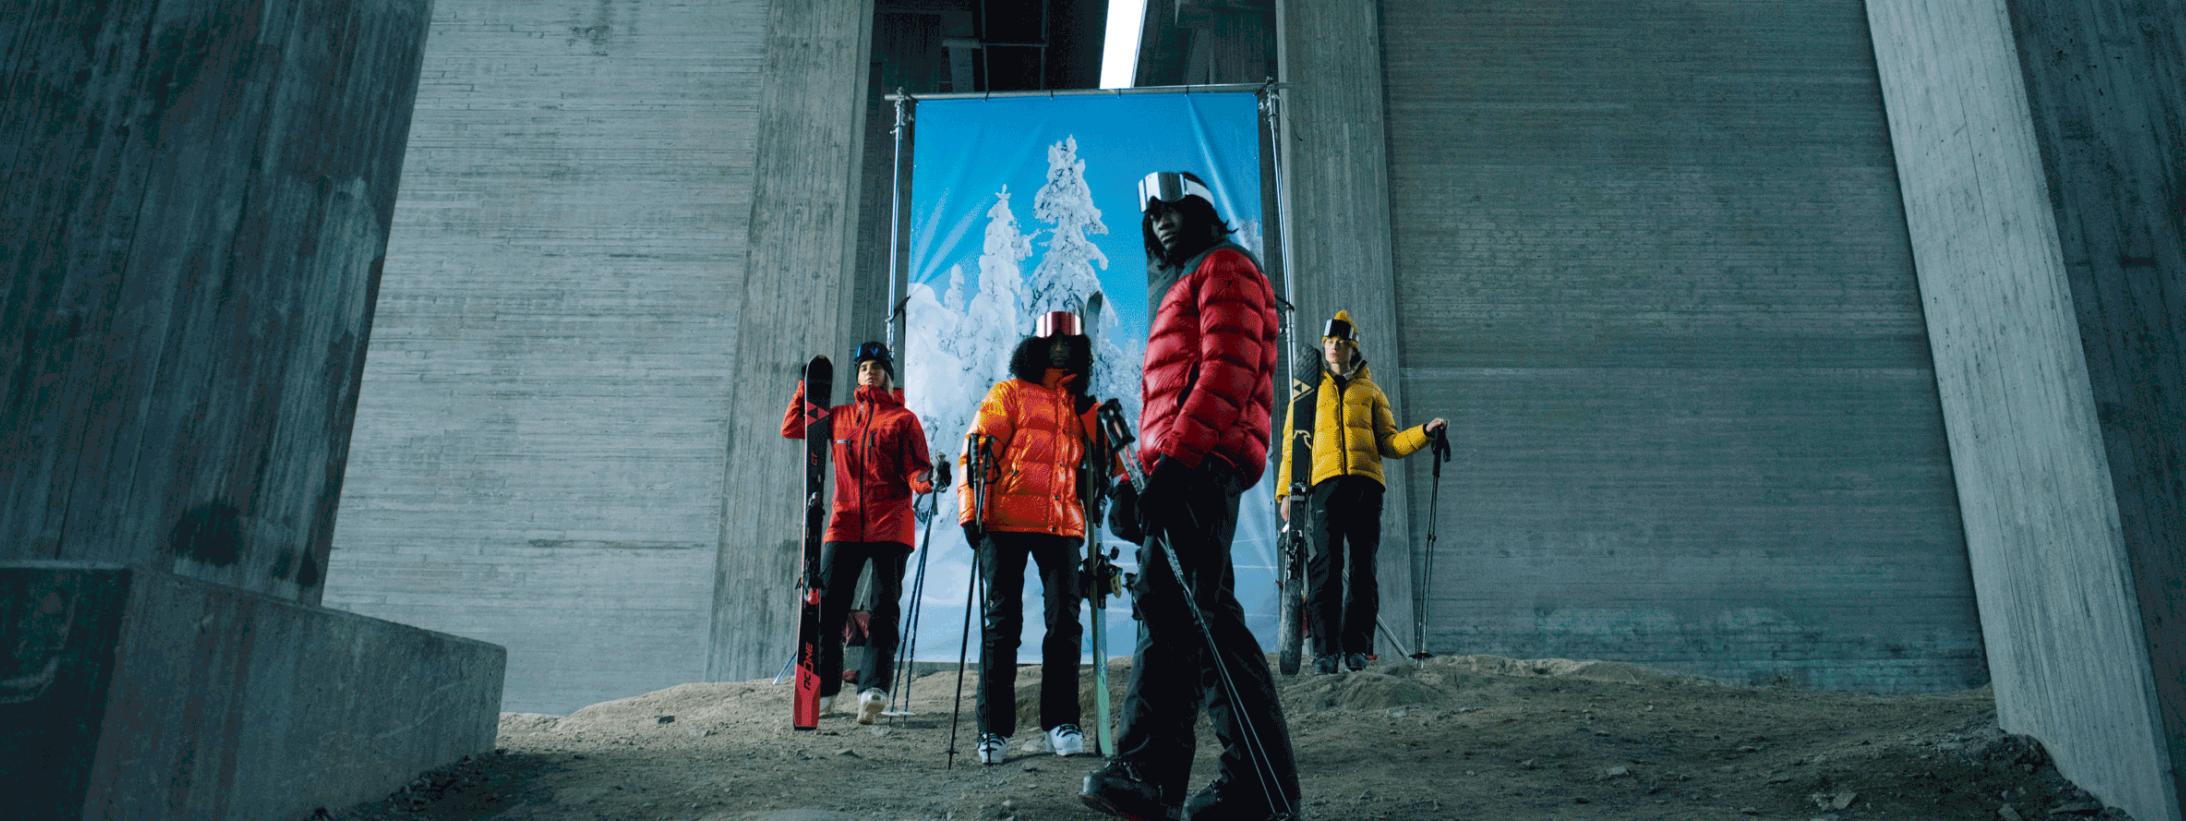 Skidkläder för en snyggare skidresa